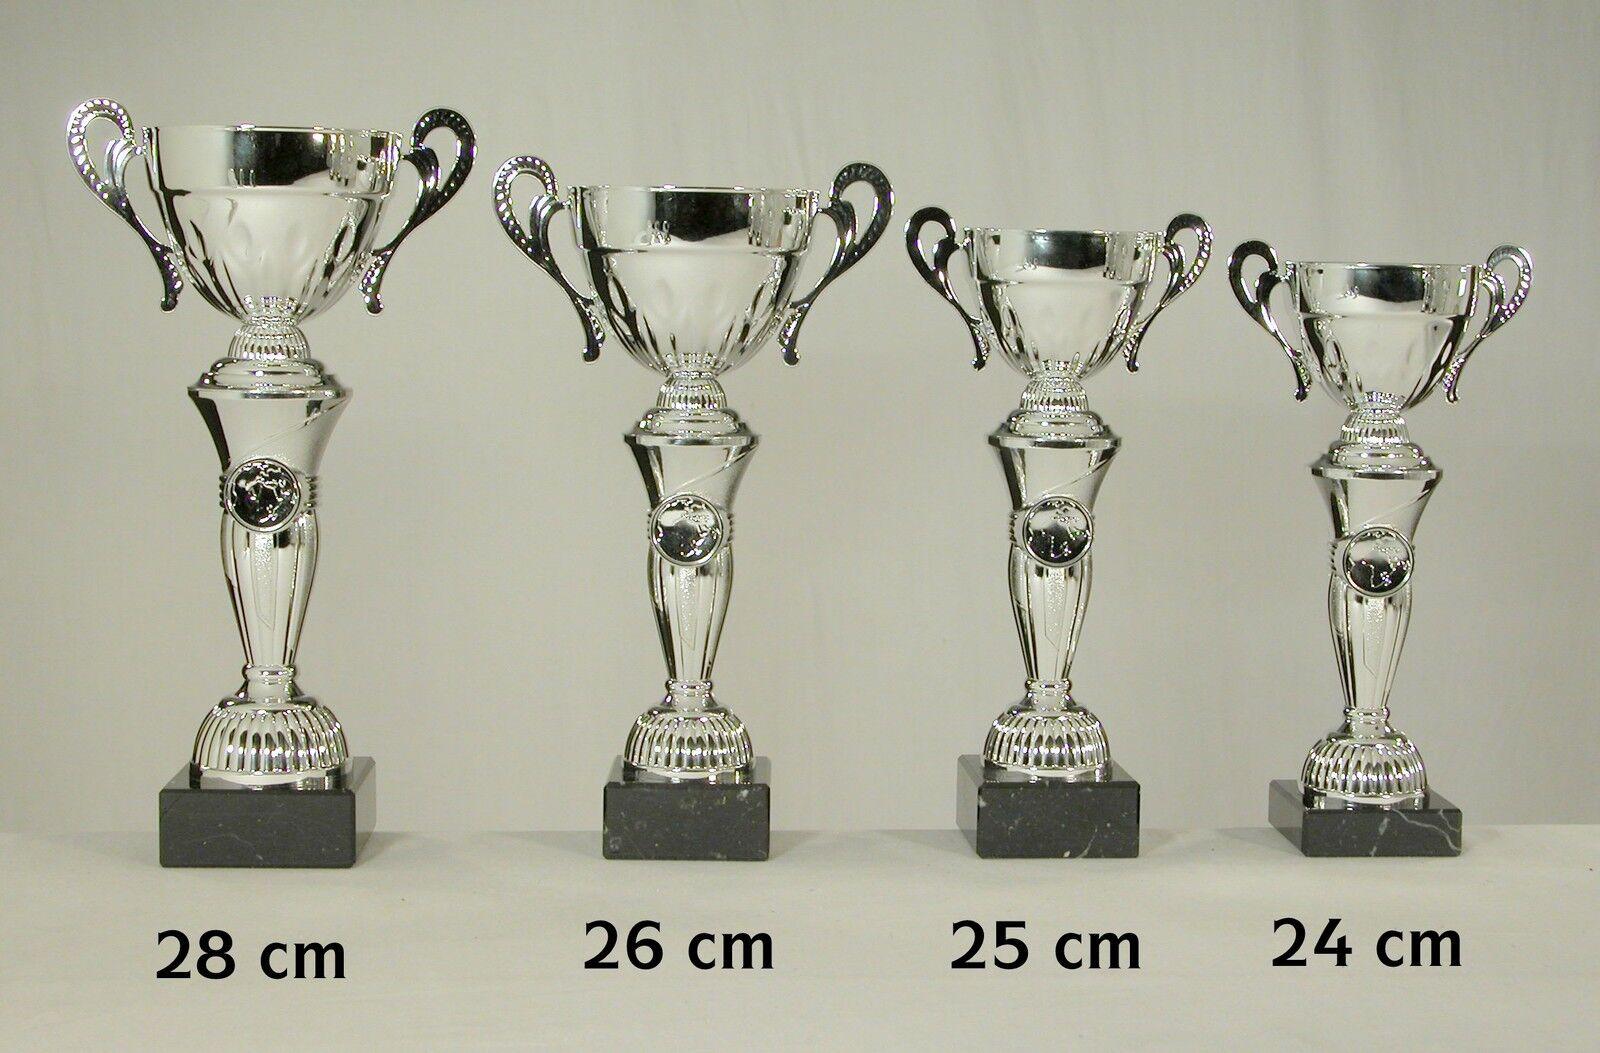 4 Pokale silberfarben 28 -26 - - - 25 - 24 cm eischl. Text u. Emblem zum SONDERPREIS 0f12ff